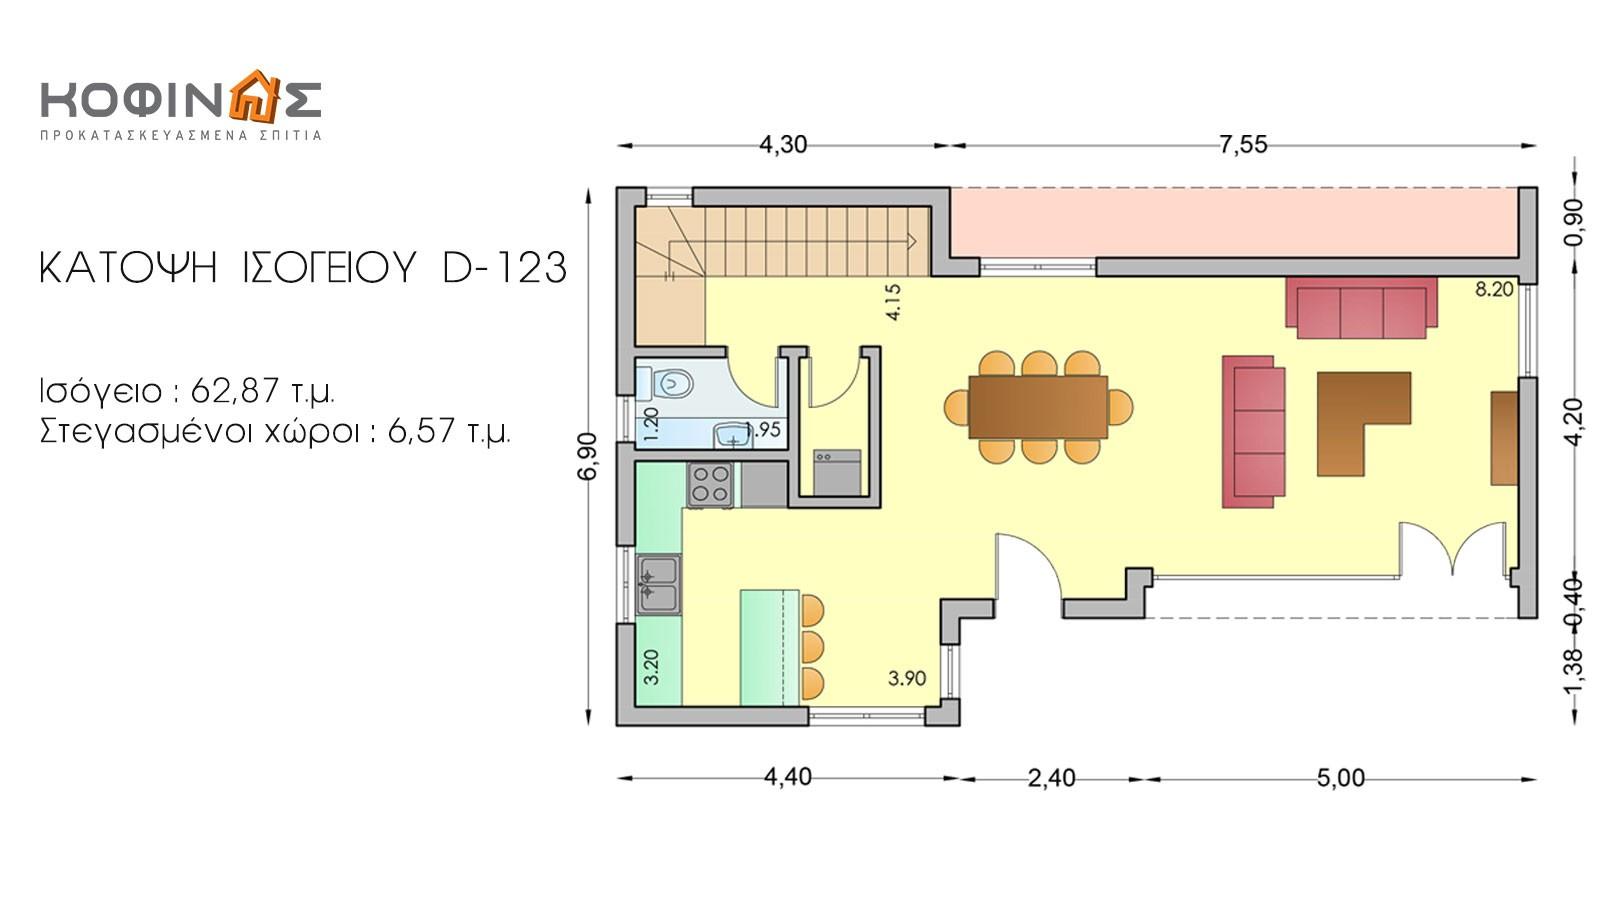 Διώροφη Κατοικία D-123, συνολικής επιφάνειας 123,30 τ.μ.